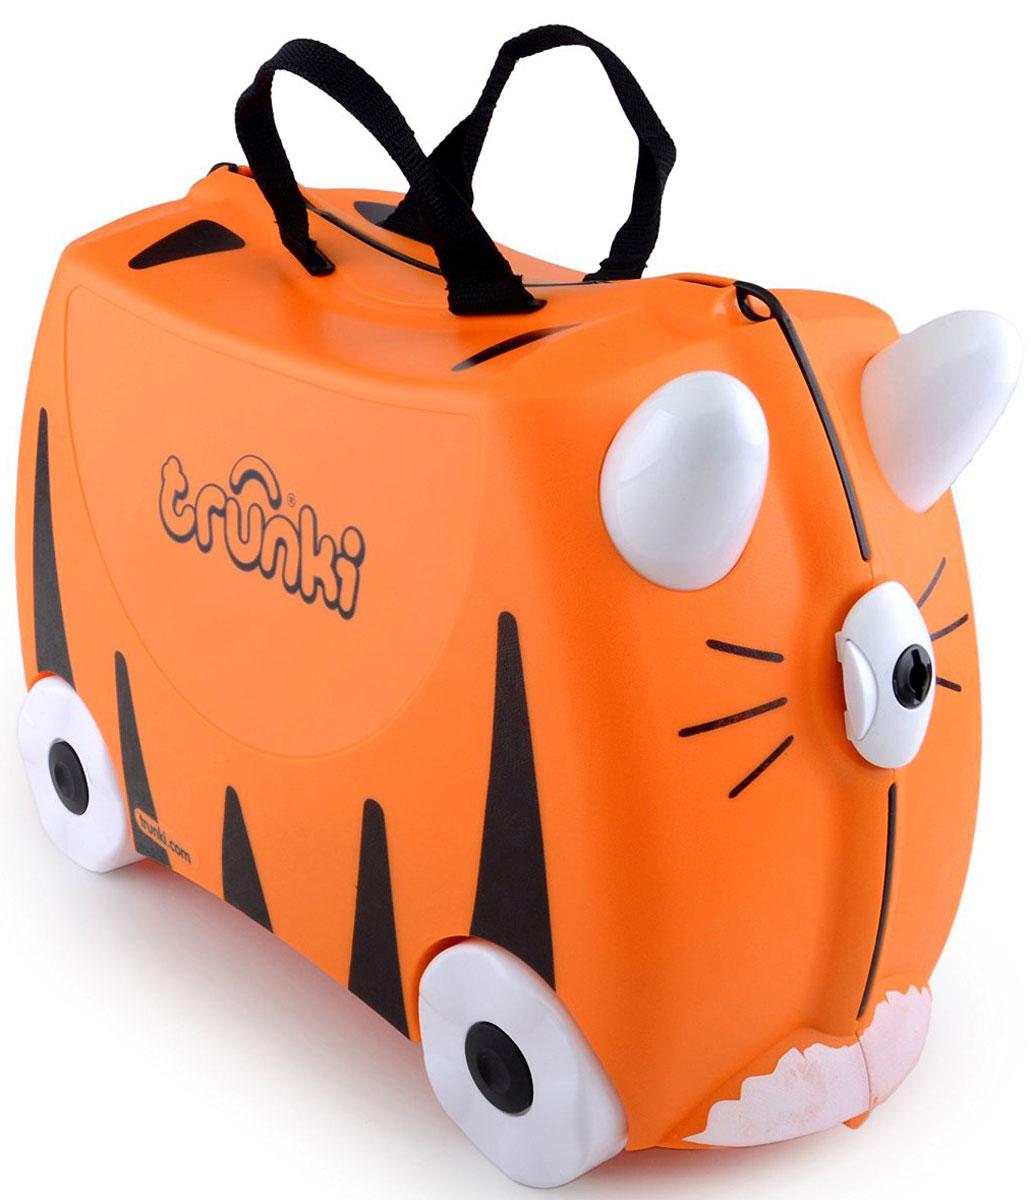 Trunki Чемодан-каталка Тигр0085-WL01-P1Детский чемодан-каталка Trunki Тигр - оригинальный чемодан на колесах, созданный, чтобы избавить маленьких путешественников от скуки и усталости.Корпус чемодана выполнен в форме седла, чтобы маленькому наезднику было комфортно сидеть. Расцветка такого чемодана-каталки похожа на маленького тигренка. А когда катишься на нем, представляется, что несешься на спине хищного зверя. Малыш может держаться за специальные рожки на передней части чемодана. Форма рожек специально разработана для детских ручек. Чемодан имеет 4 колеса и стабилизаторы, которые не позволят чемодану опрокинуться. Для переноски у чемодана предусмотрены 2 текстильные ручки, а также ремень через плечо, который можно использовать для буксировки чемодана. Чемодан содержит вместительное отделение с фиксирующейся Х-образной резинкой. Также в чемодане имеется длинный кармашек для мелочей. Закрывается чемодан на две защелки. Крышка чемодана плотно прилегает к основанию, уплотнитель между ними не позволит мелким предметам выпасть из него.Чемодан-каталка Trunki Тигр поможет ребенку не заскучать во время длительных перелетов и ожидания в аэропорту.